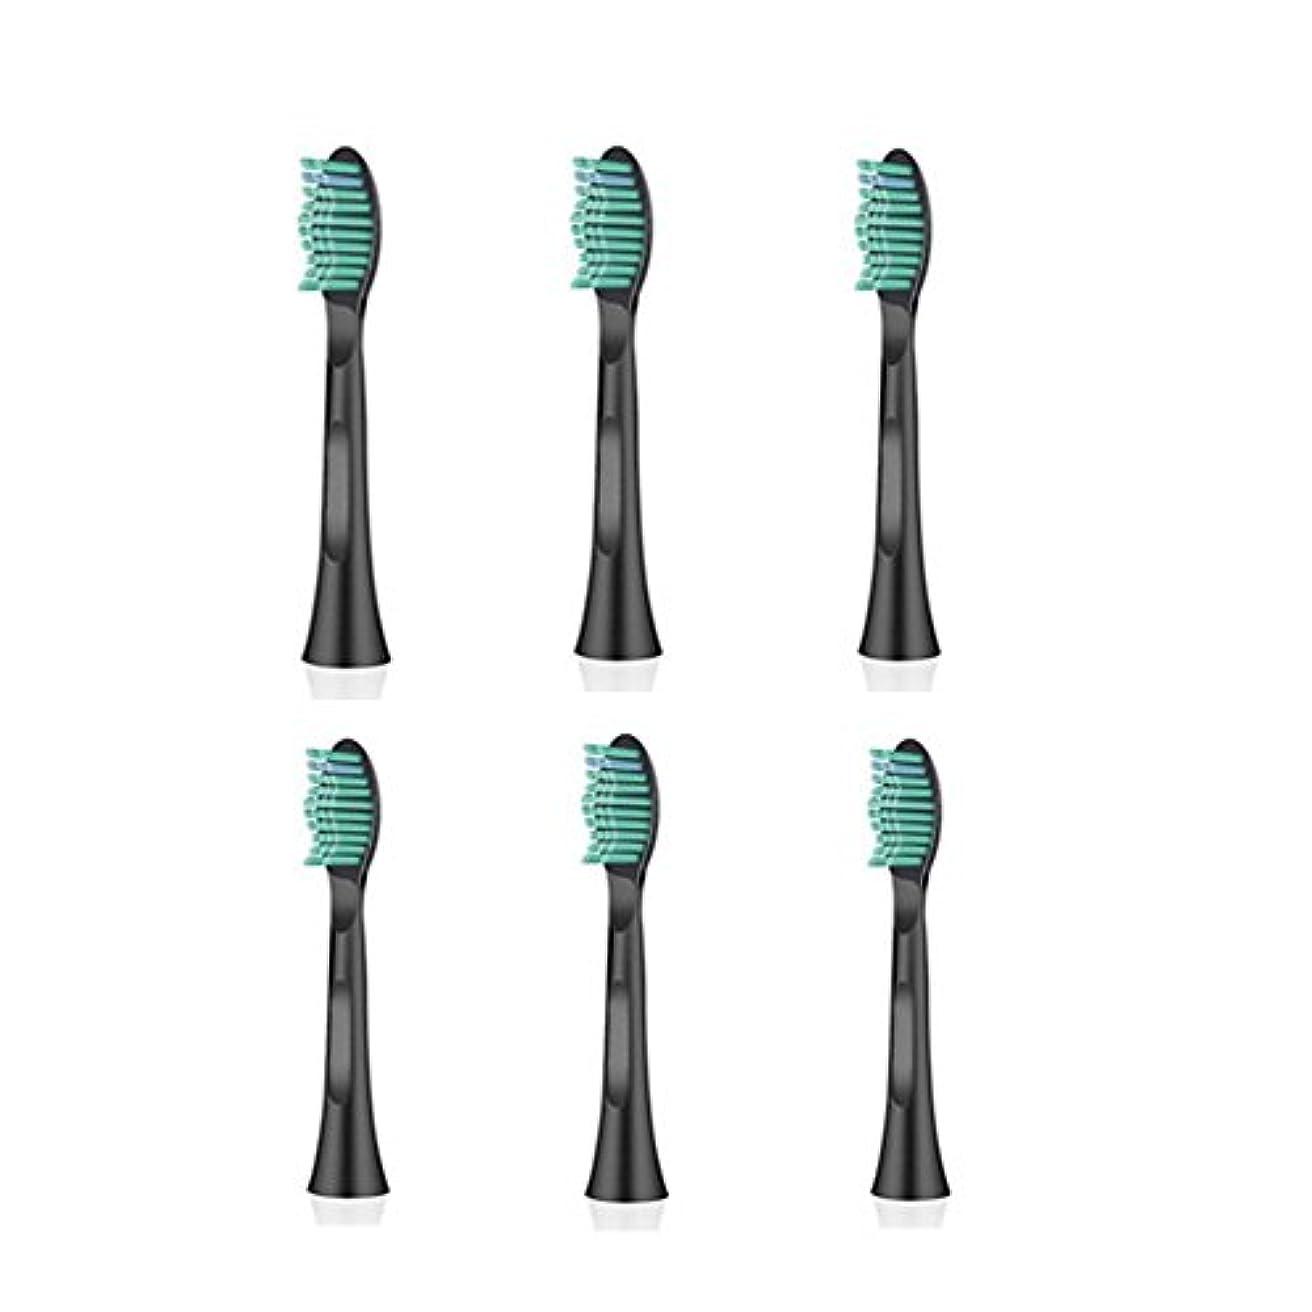 欠乏彫刻家ピルファーITECHNIK 電動歯ブラシ 音波式歯ブラシ 替えブラシ 6本入 黒い